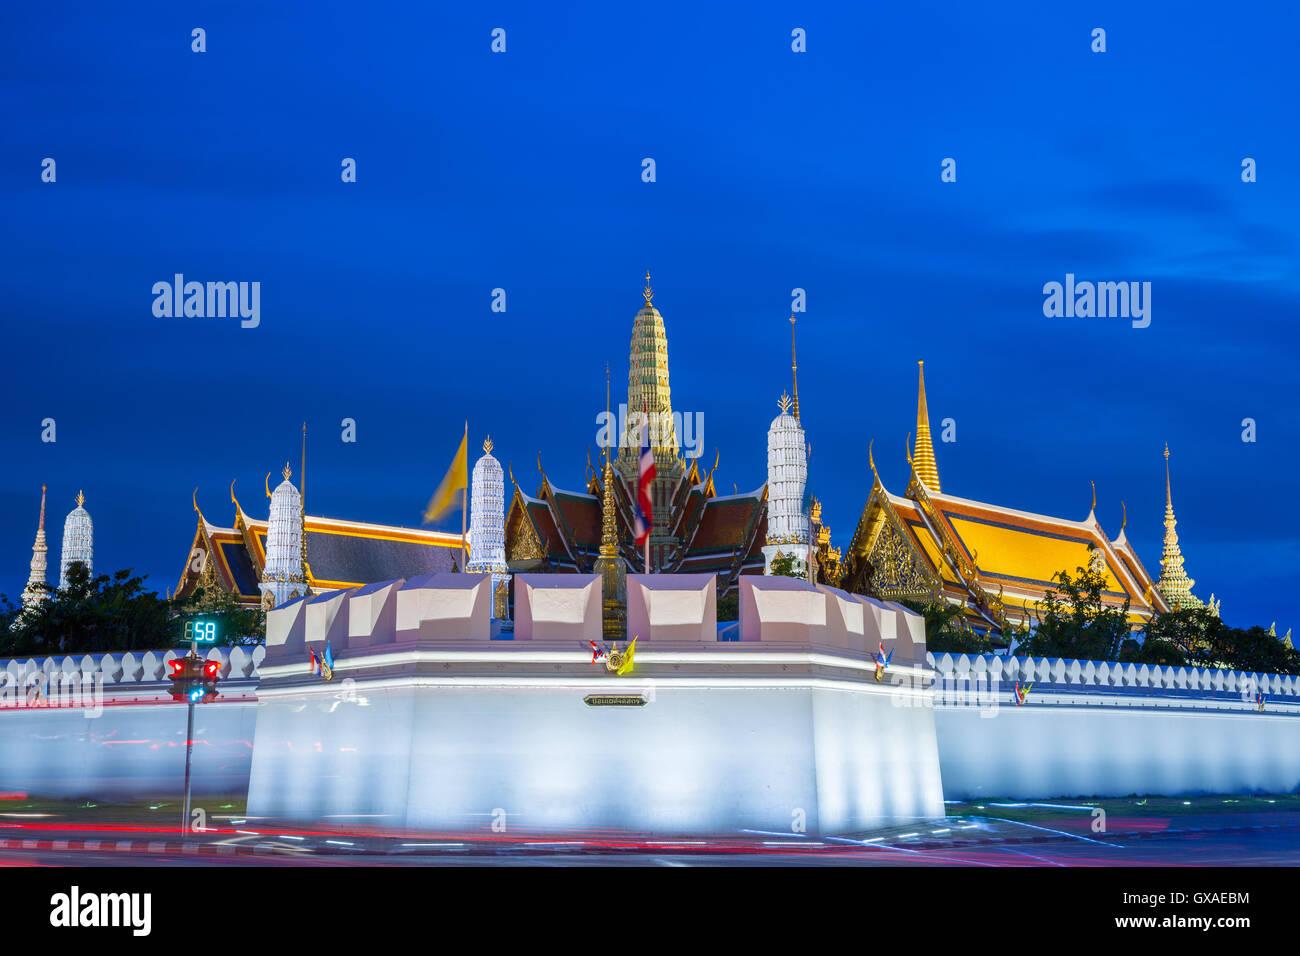 Grand Palace at dusk, Bangkok, Thailand. - Stock Image